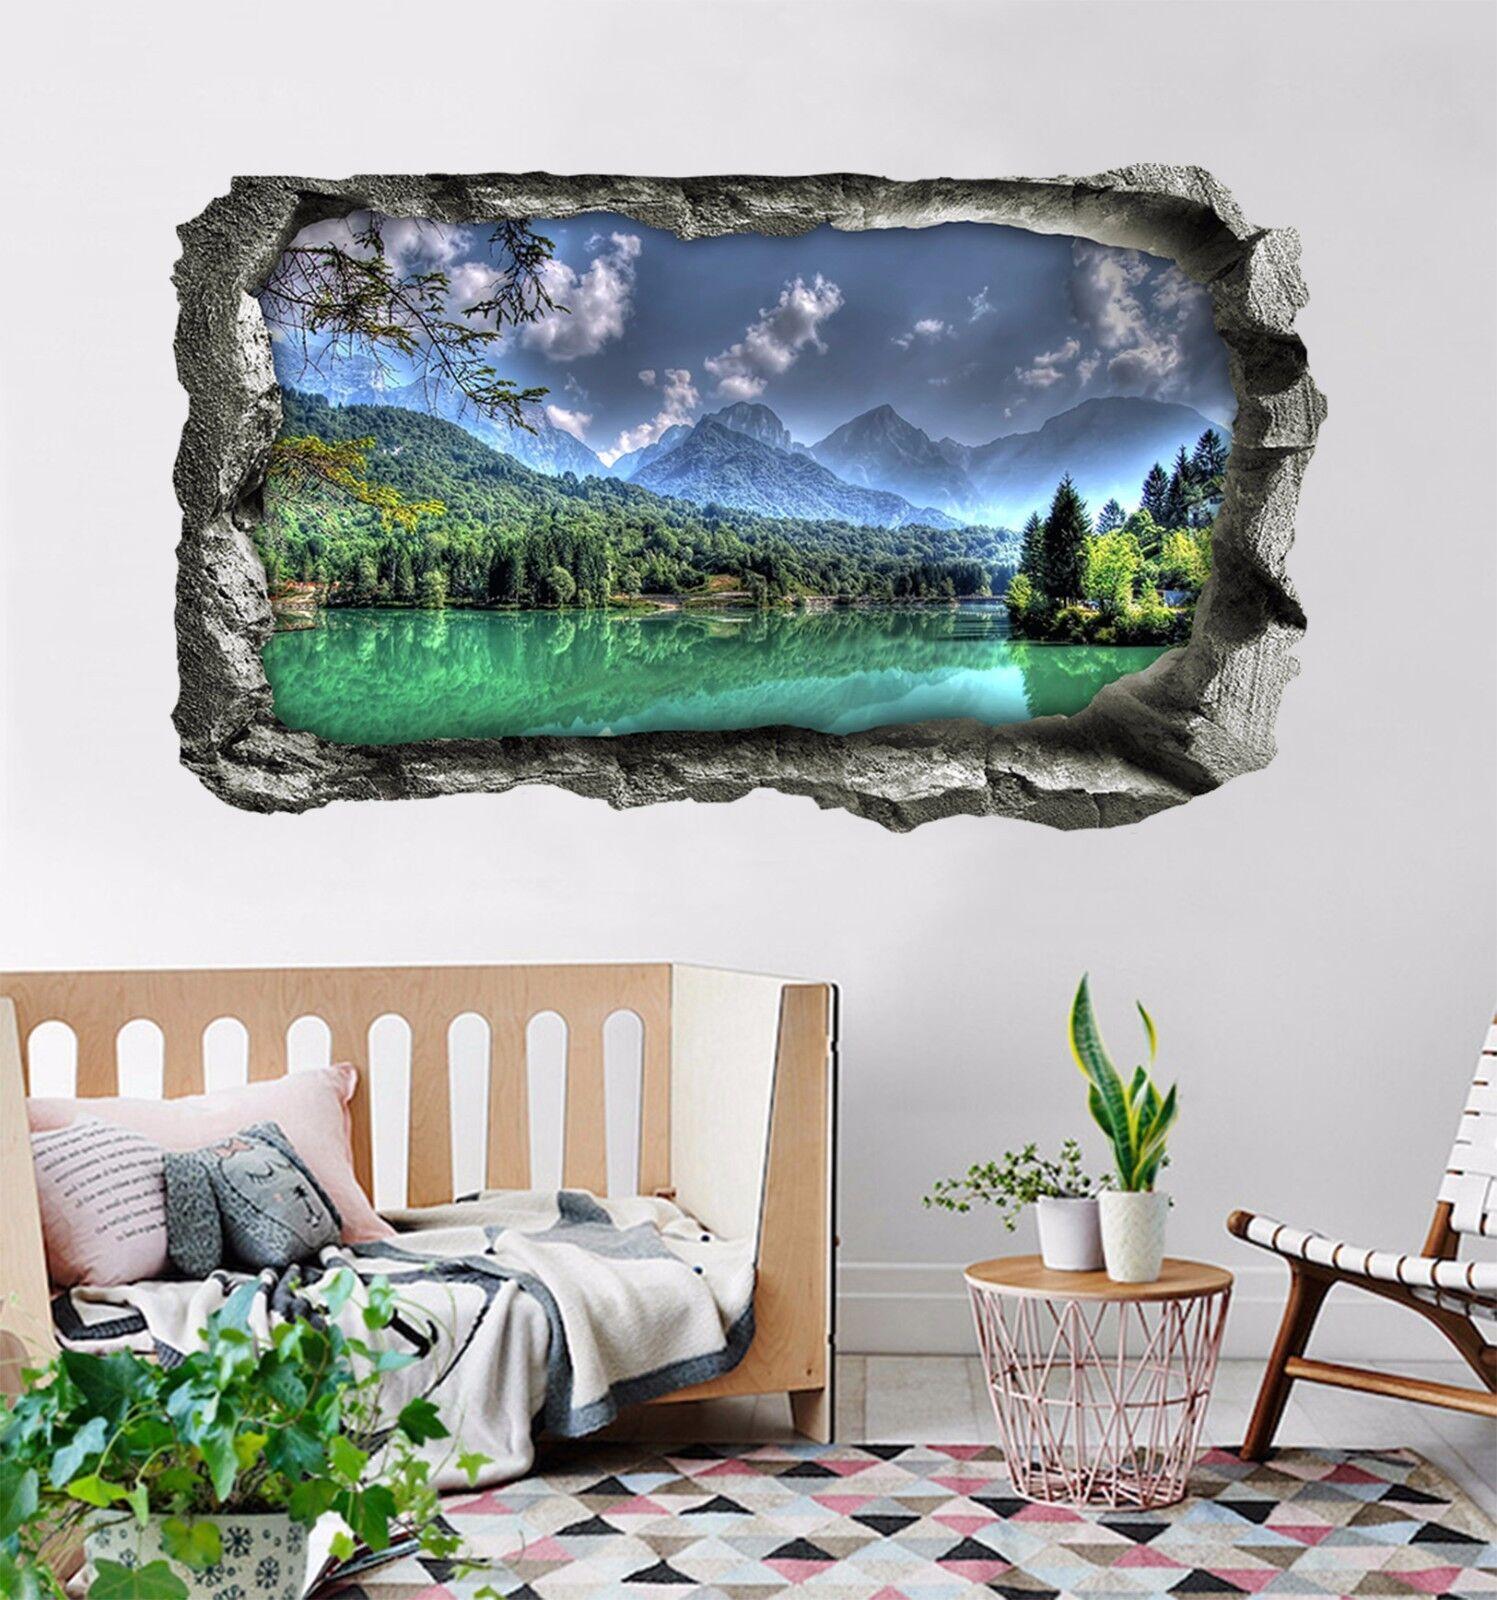 3D Green River 8764 Mauer Murals Mauer Aufklebe Decal Durchbruch AJ WALLPAPER DE